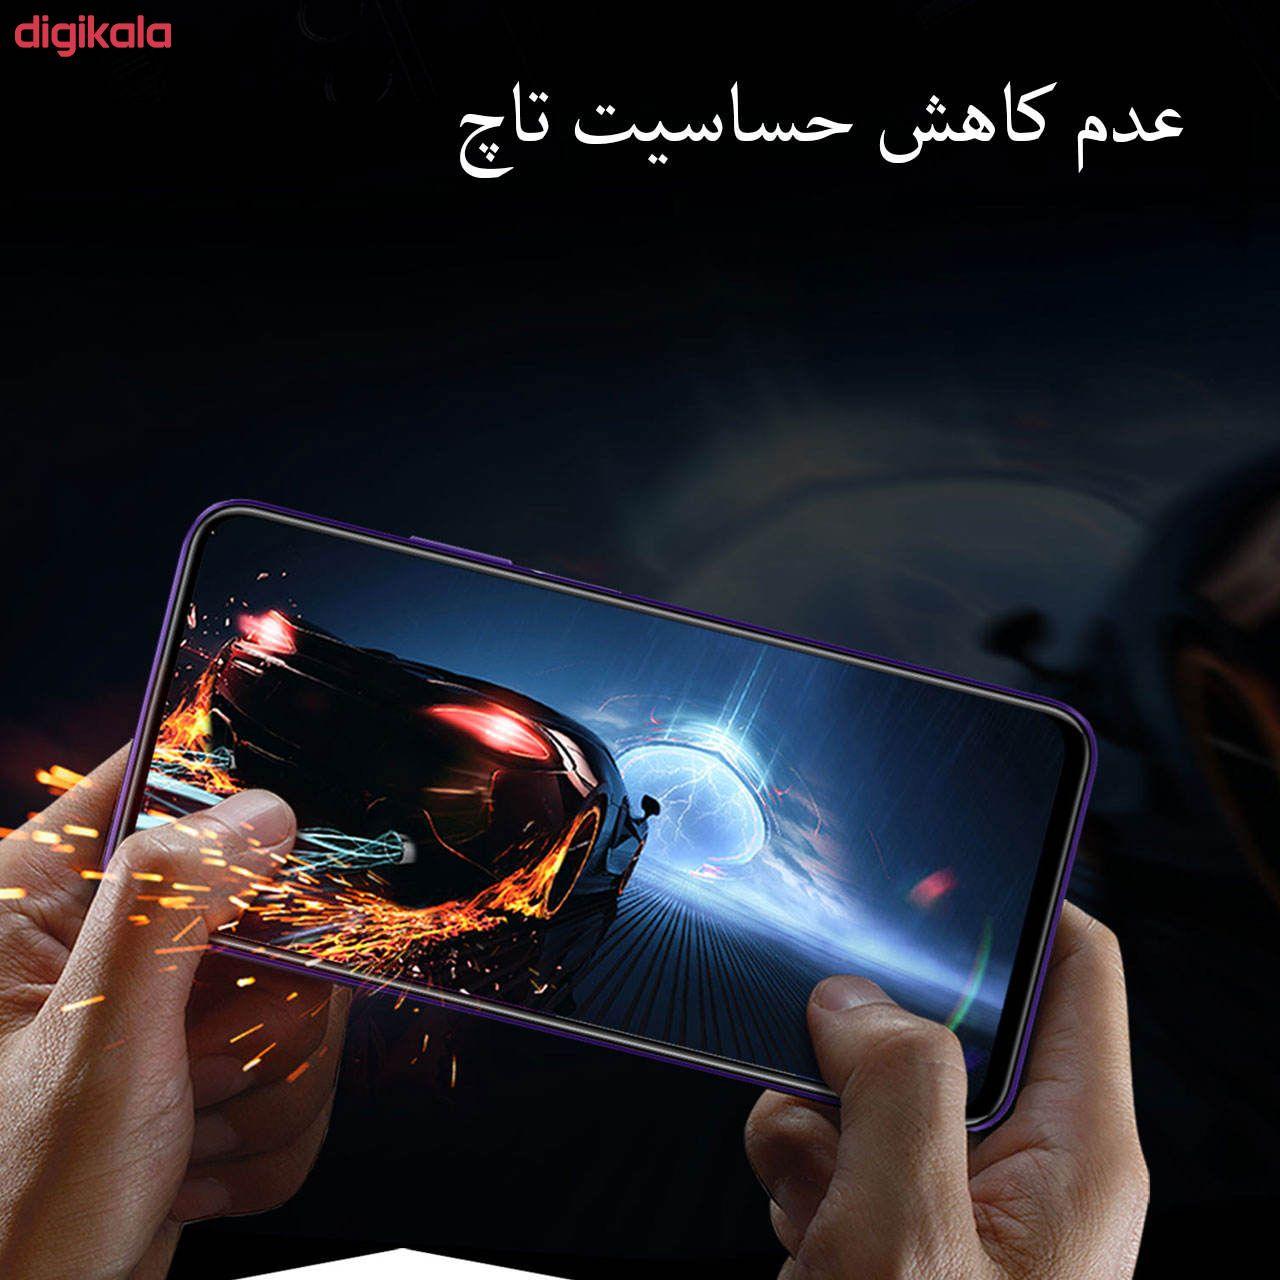 محافظ صفحه نمایش مدل FG-01 مناسب برای گوشی موبایل سامسونگ Galaxy J7 2015 main 1 2